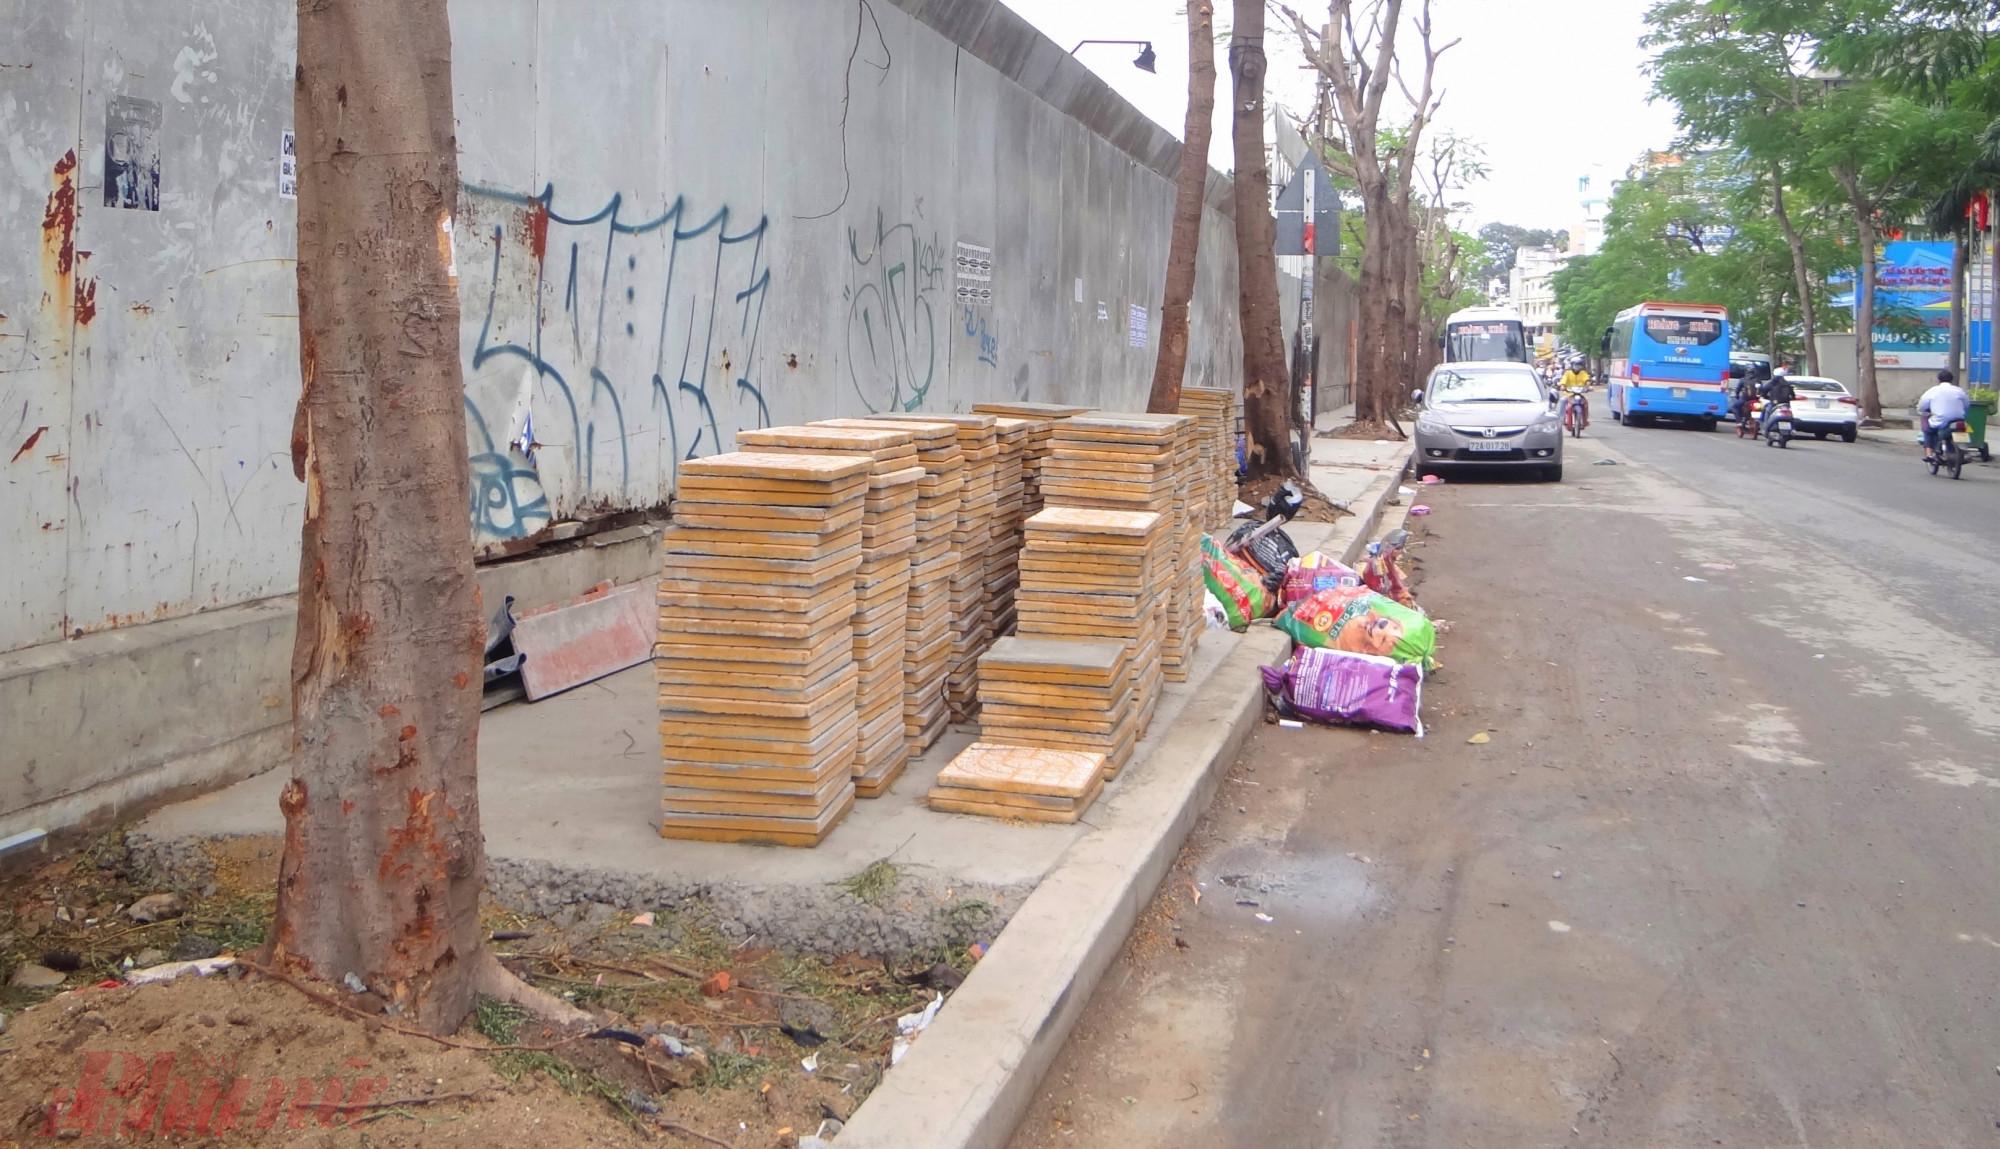 Tình trạng bê tông hóa vỉa hè làm cho cây xanh trên đường phố Sài Gòn không còn không gian thấm nước, cây khó sinh trưởng bình thường.